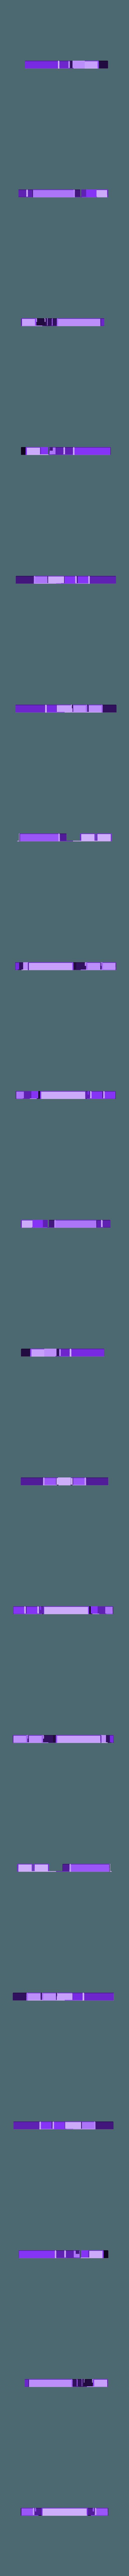 oscillator_black.stl Télécharger fichier STL gratuit Oscillateur à verre d'uranium • Plan imprimable en 3D, poblocki1982